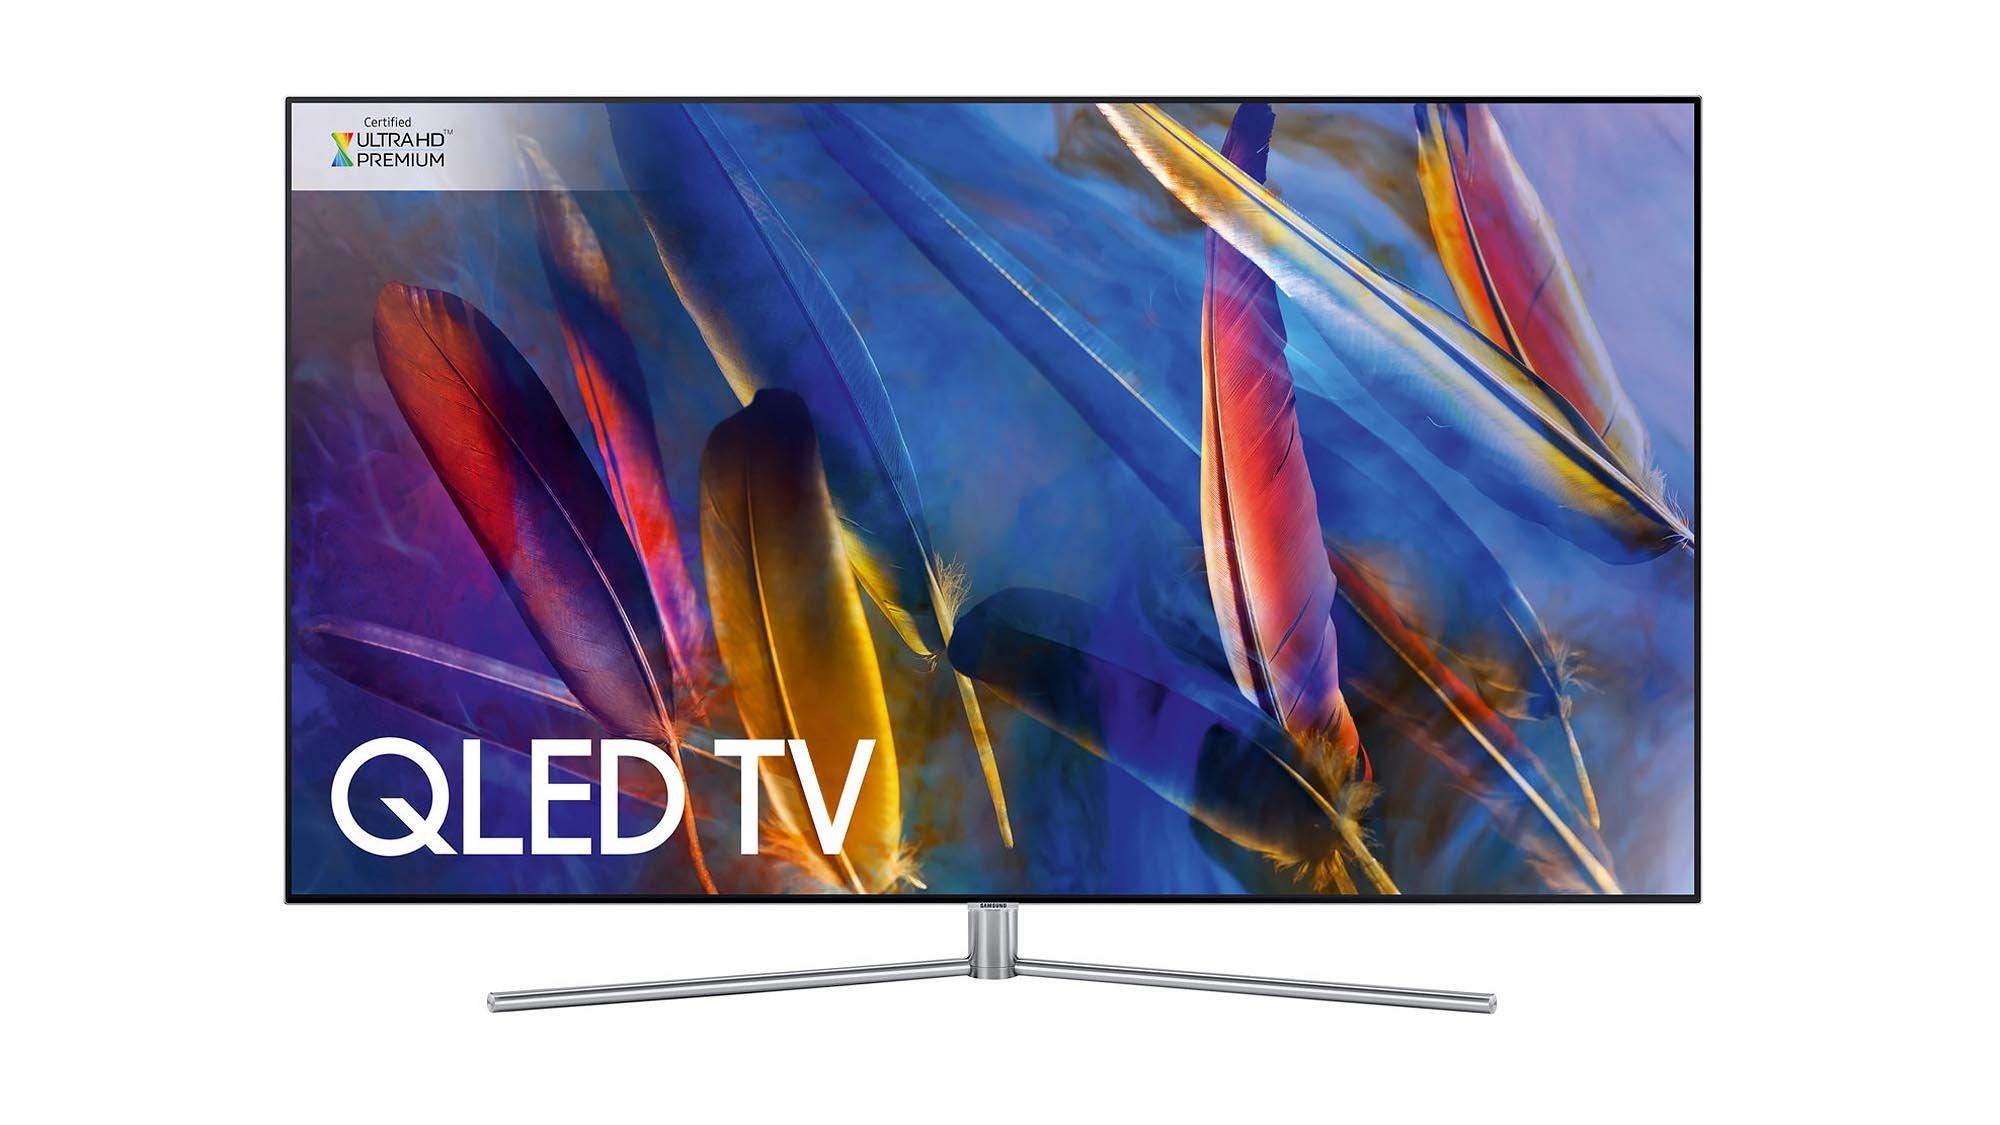 Samsung QLED Q7F (QE49Q7F) review: Samsung's QLED tech hits the spot